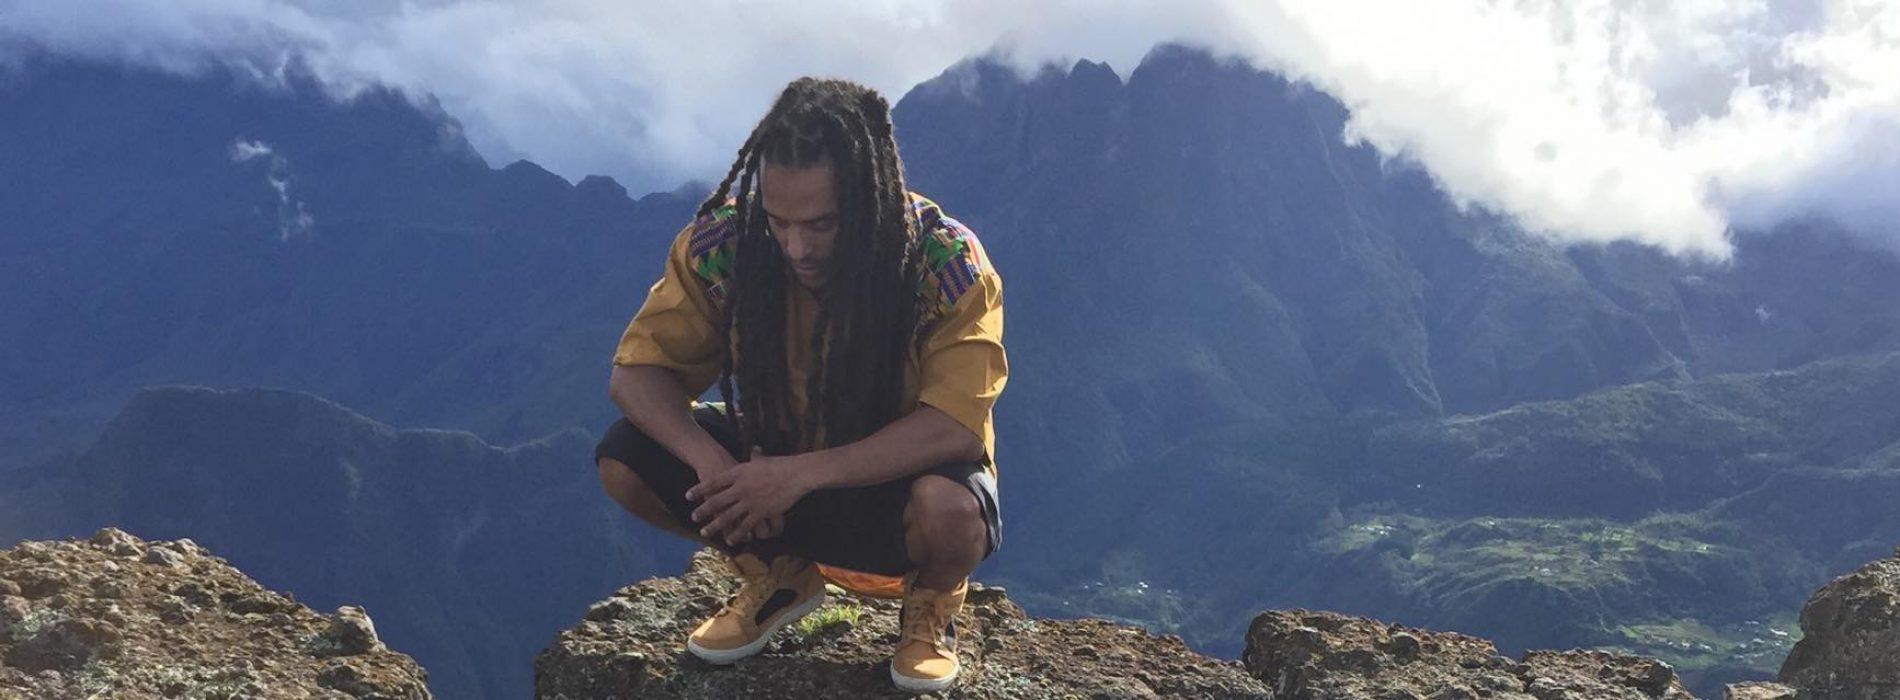 Après le titre «Réyoné» en combinaison avec PIX-L, Blacko nous prouve encore son amour pour la Reunion avec son titre «Mon île» sur une production de DJ KEN [Tobecomboss]